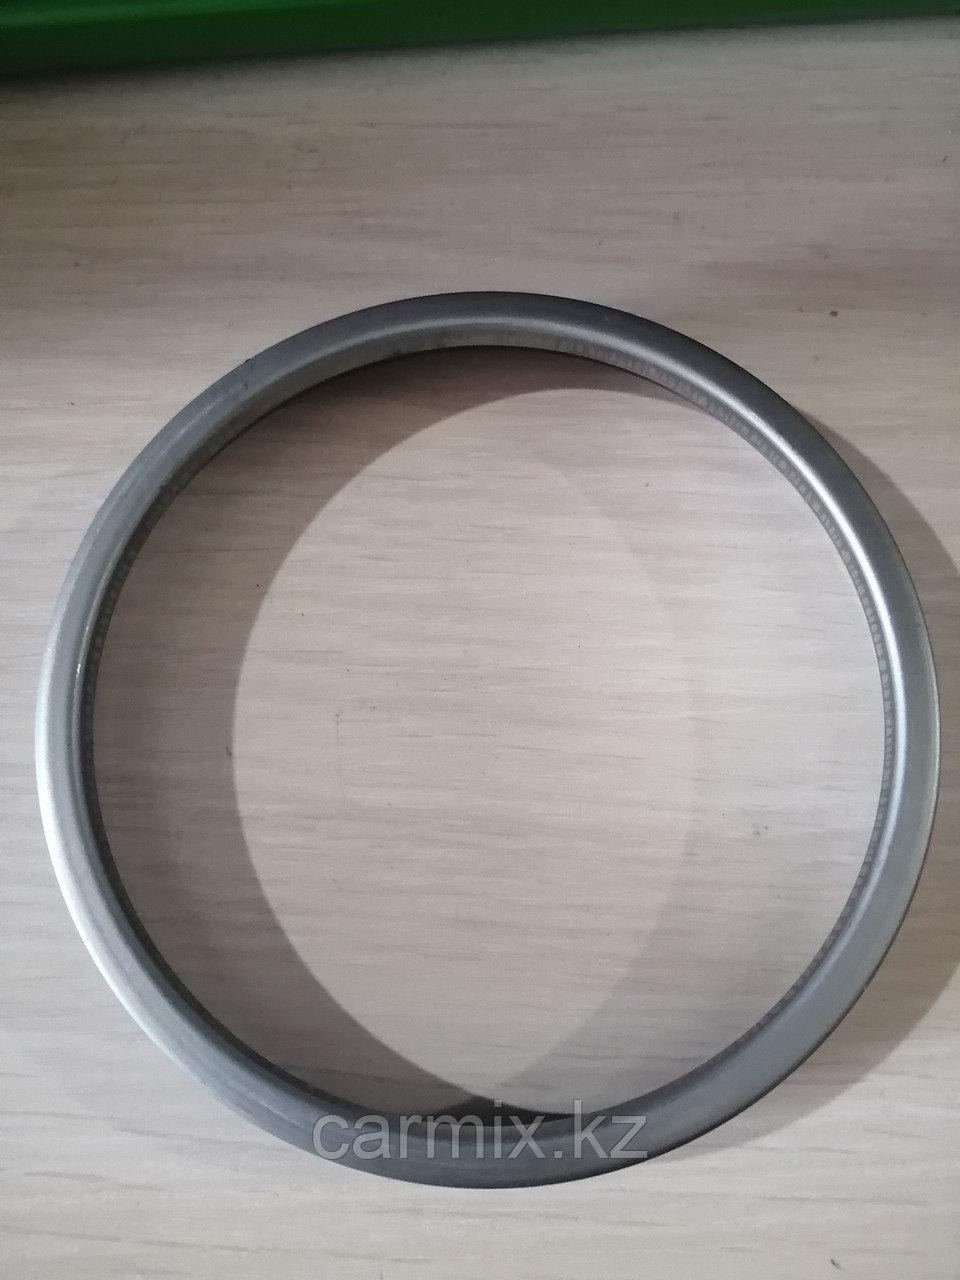 Дефлектор (кольцо) задней ступицы PREVIA 1990-1993, HIACE 1998-2006